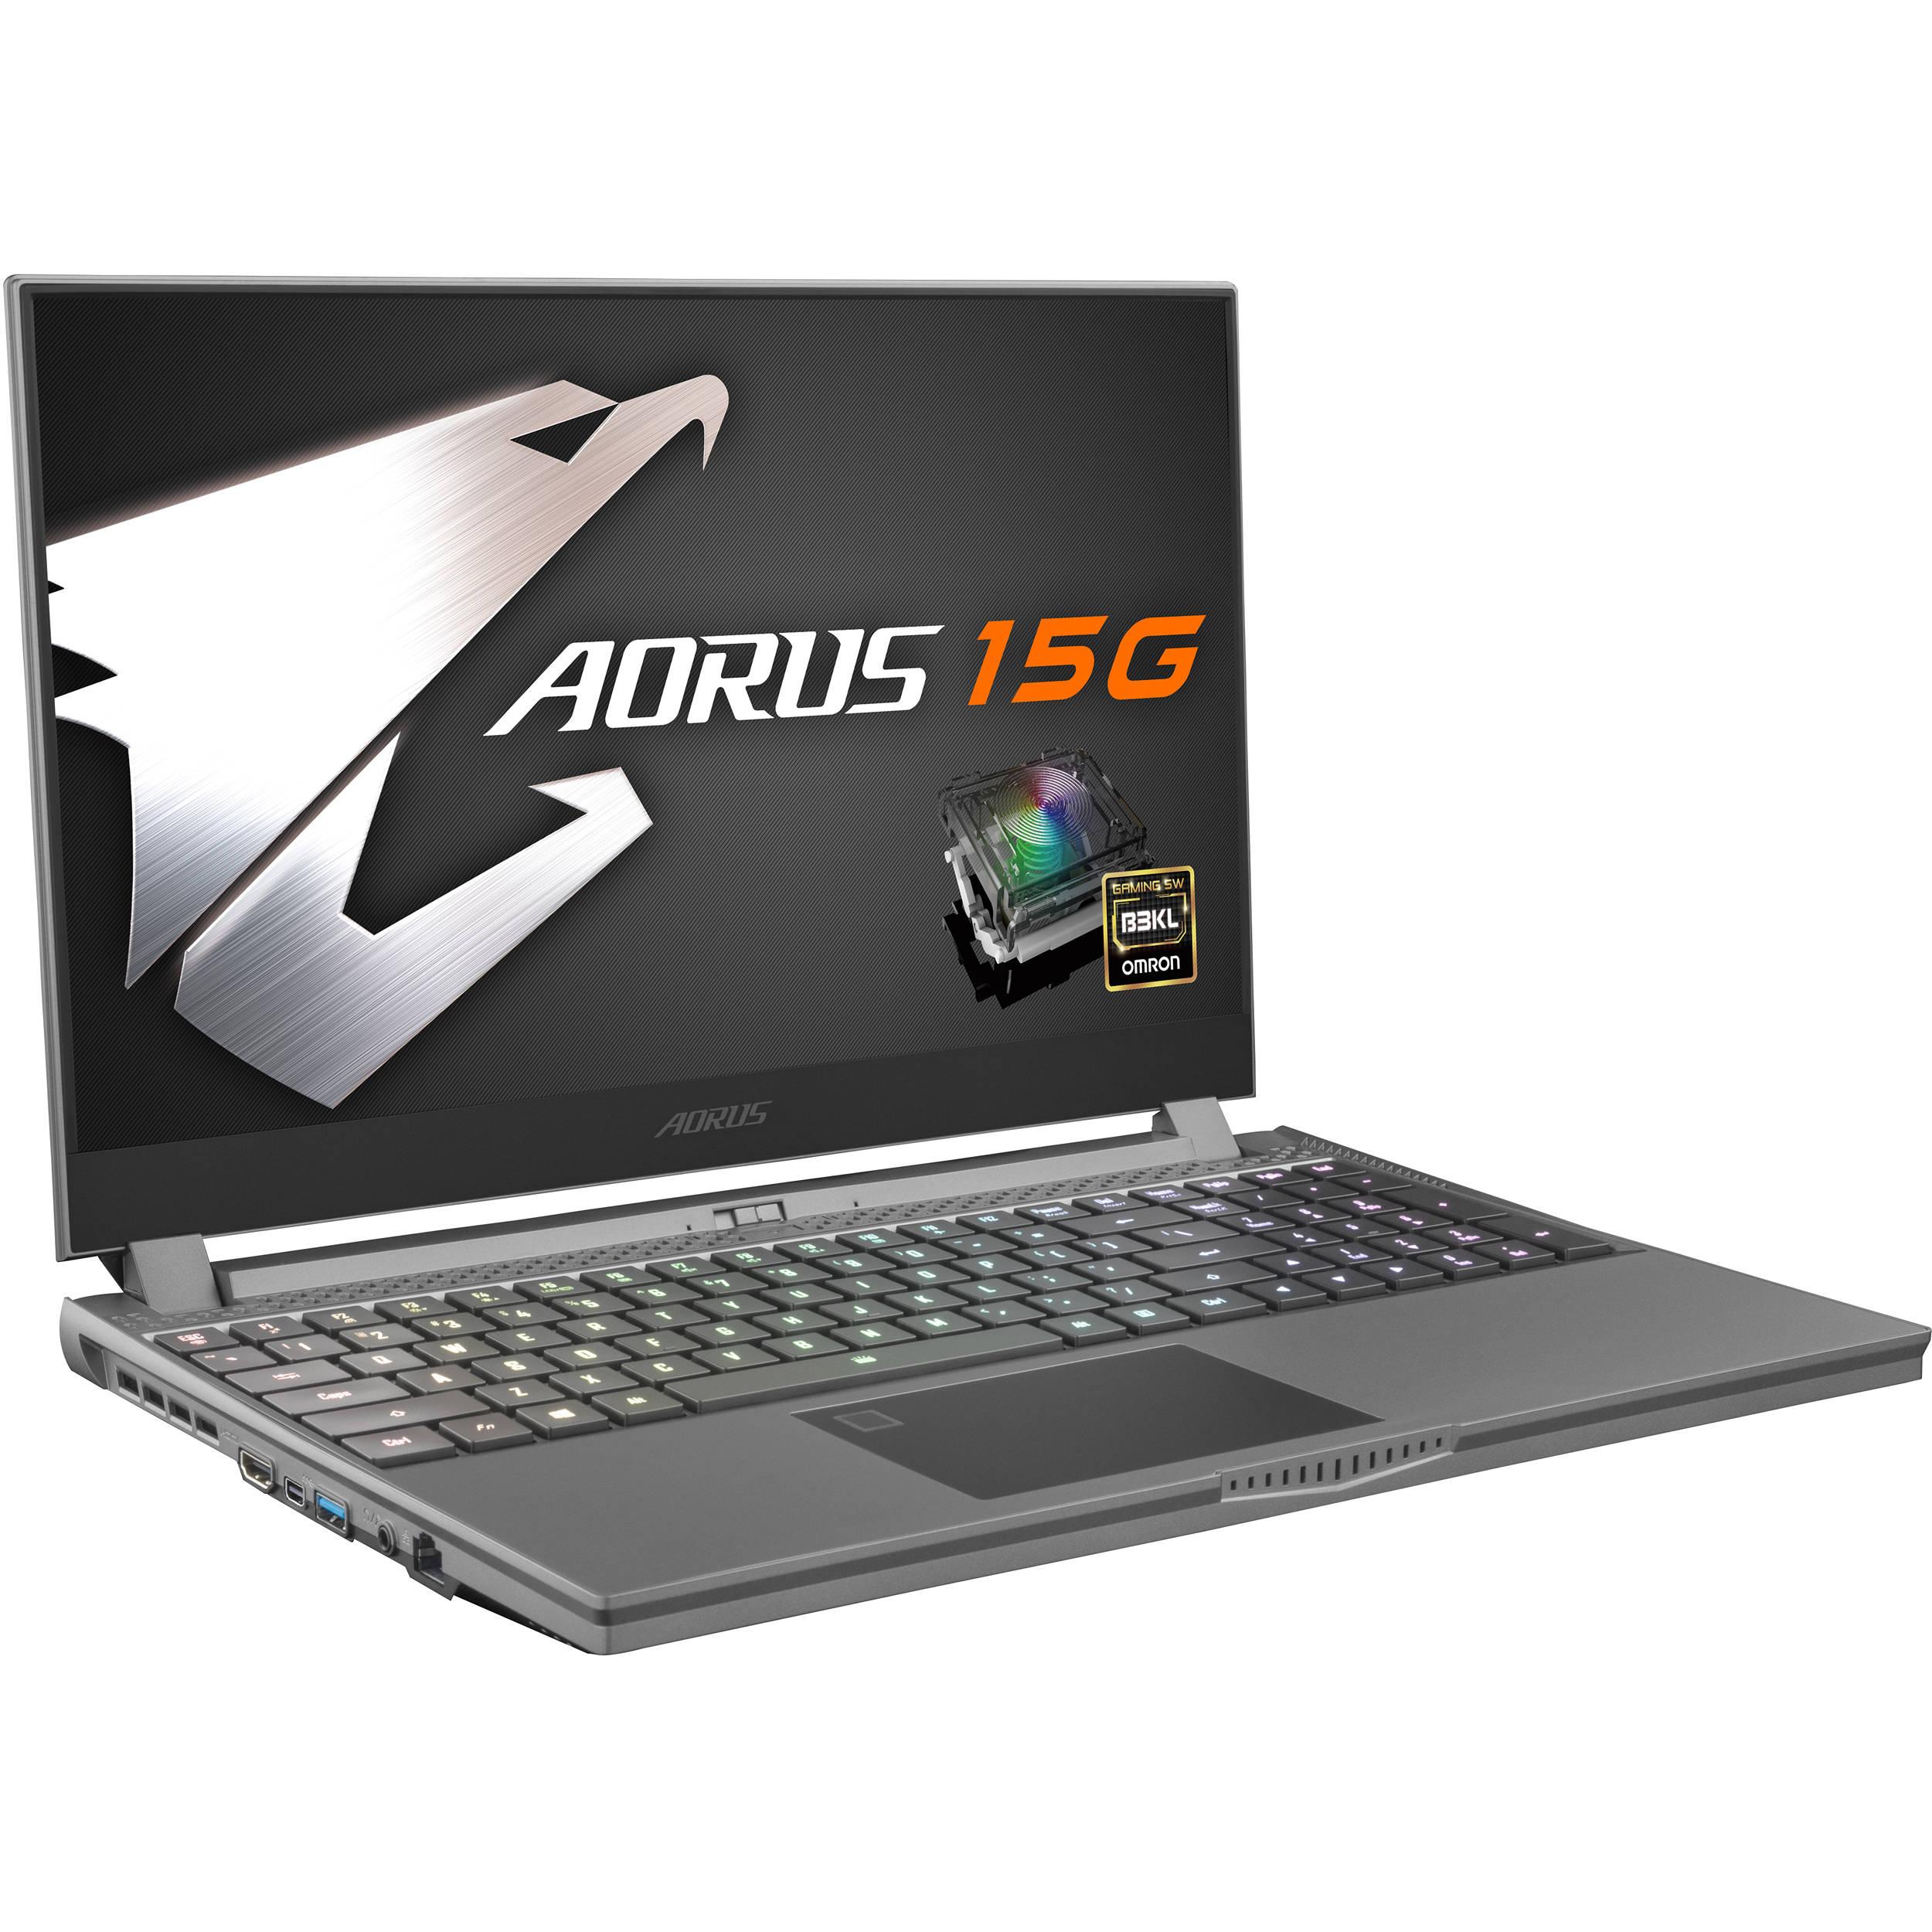 Aorus 15 6 15g Gaming Laptop 15g Kb 8us2130mh B H